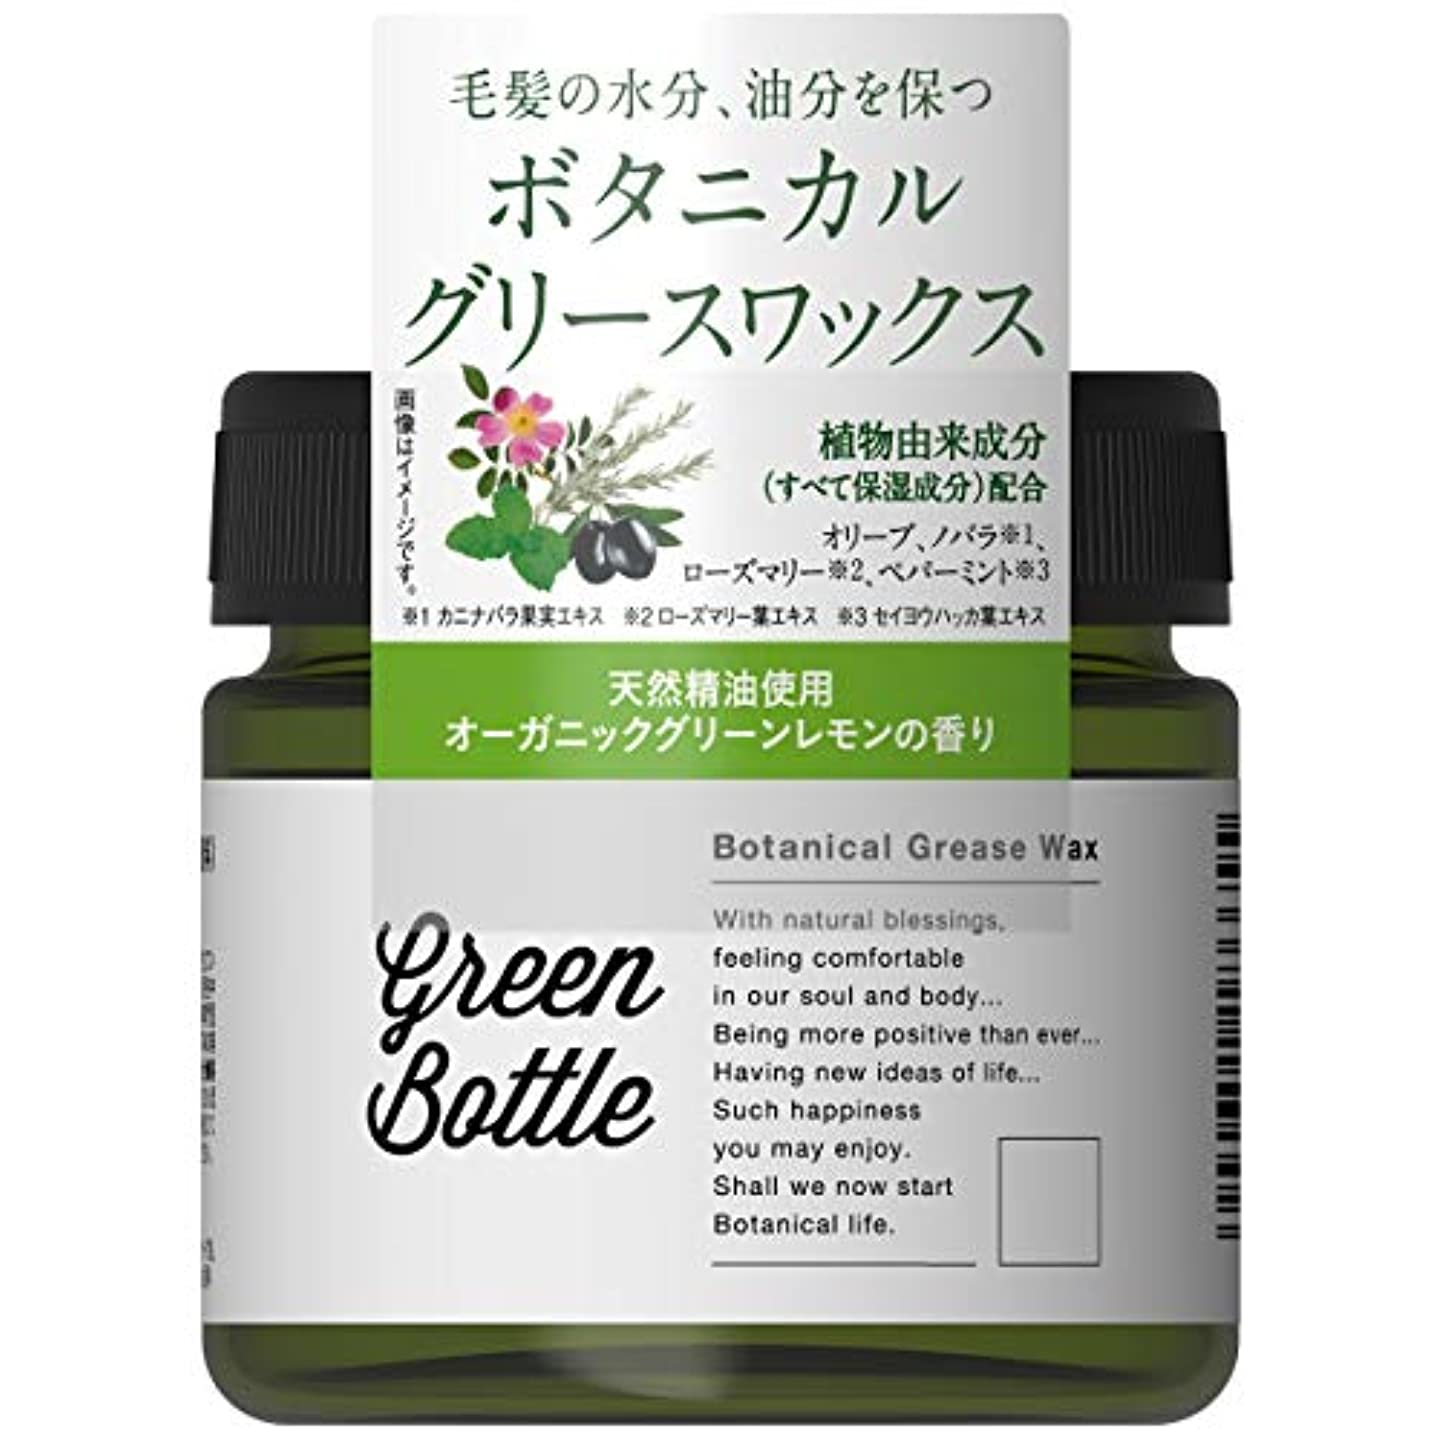 グリーンボトルボタニカルヘアワックス